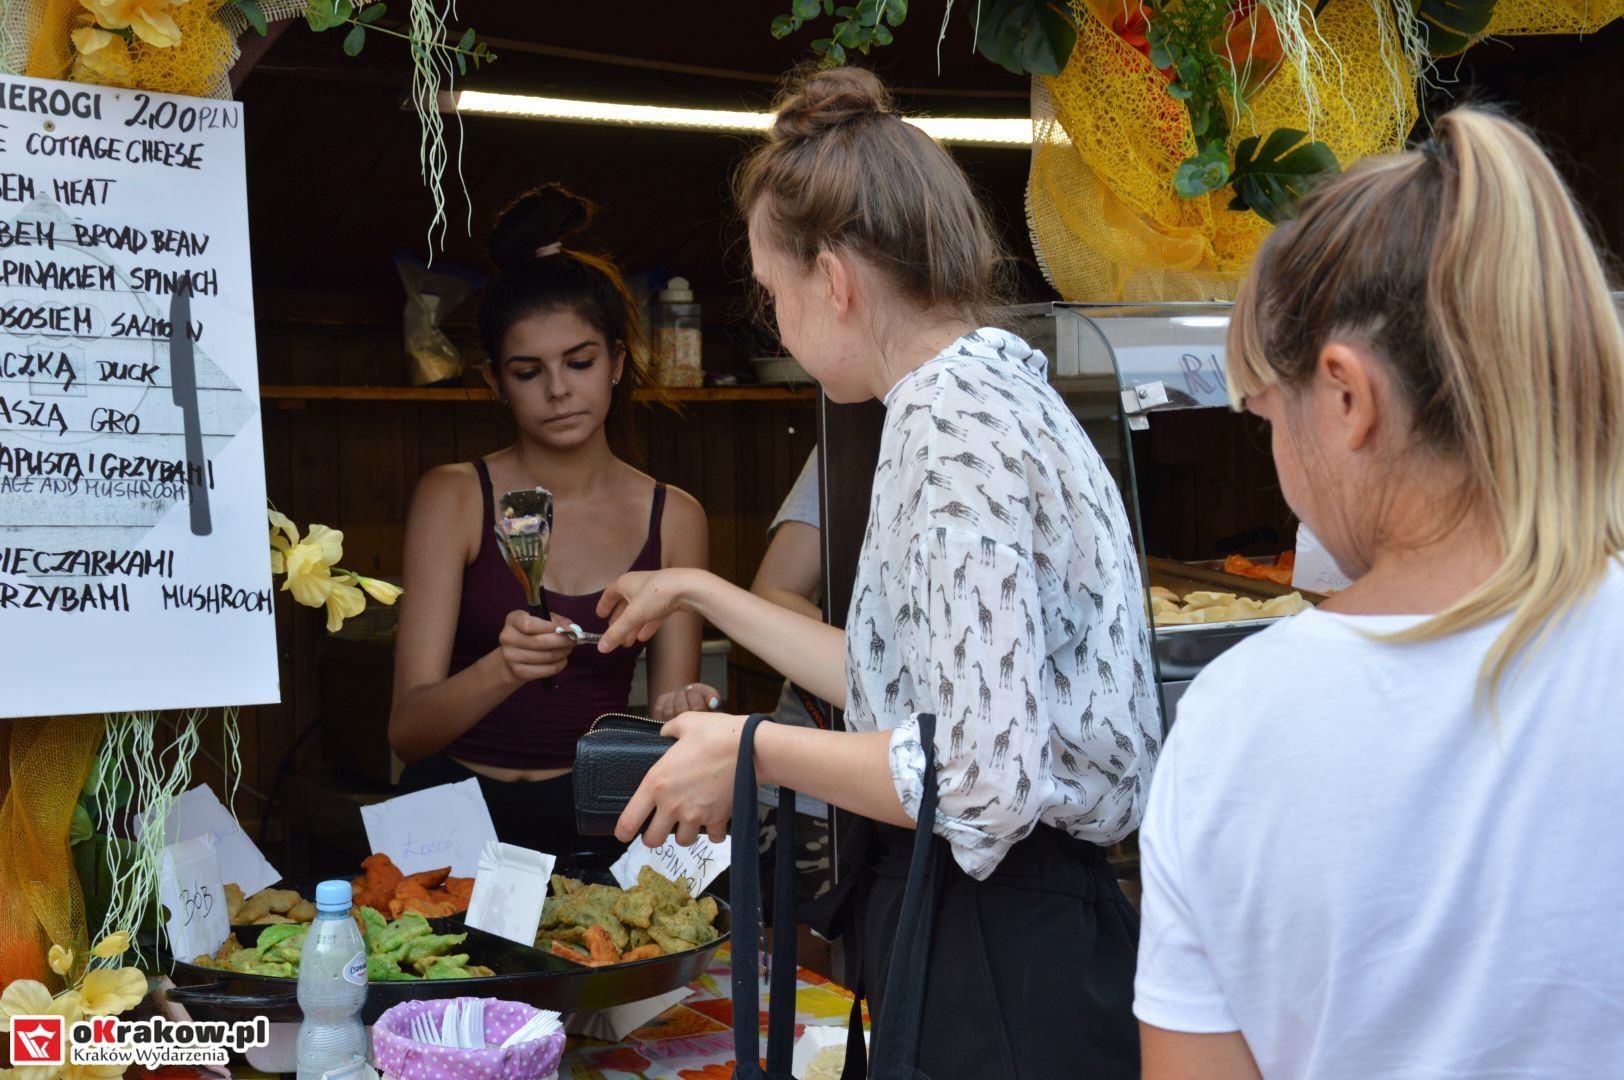 krakow festiwal pierogow maly rynek koncert cheap tobacco 7 150x150 - Galeria zdjęć Festiwal Pierogów Kraków 2018 + zdjęcia z koncertu Cheap Tobacco